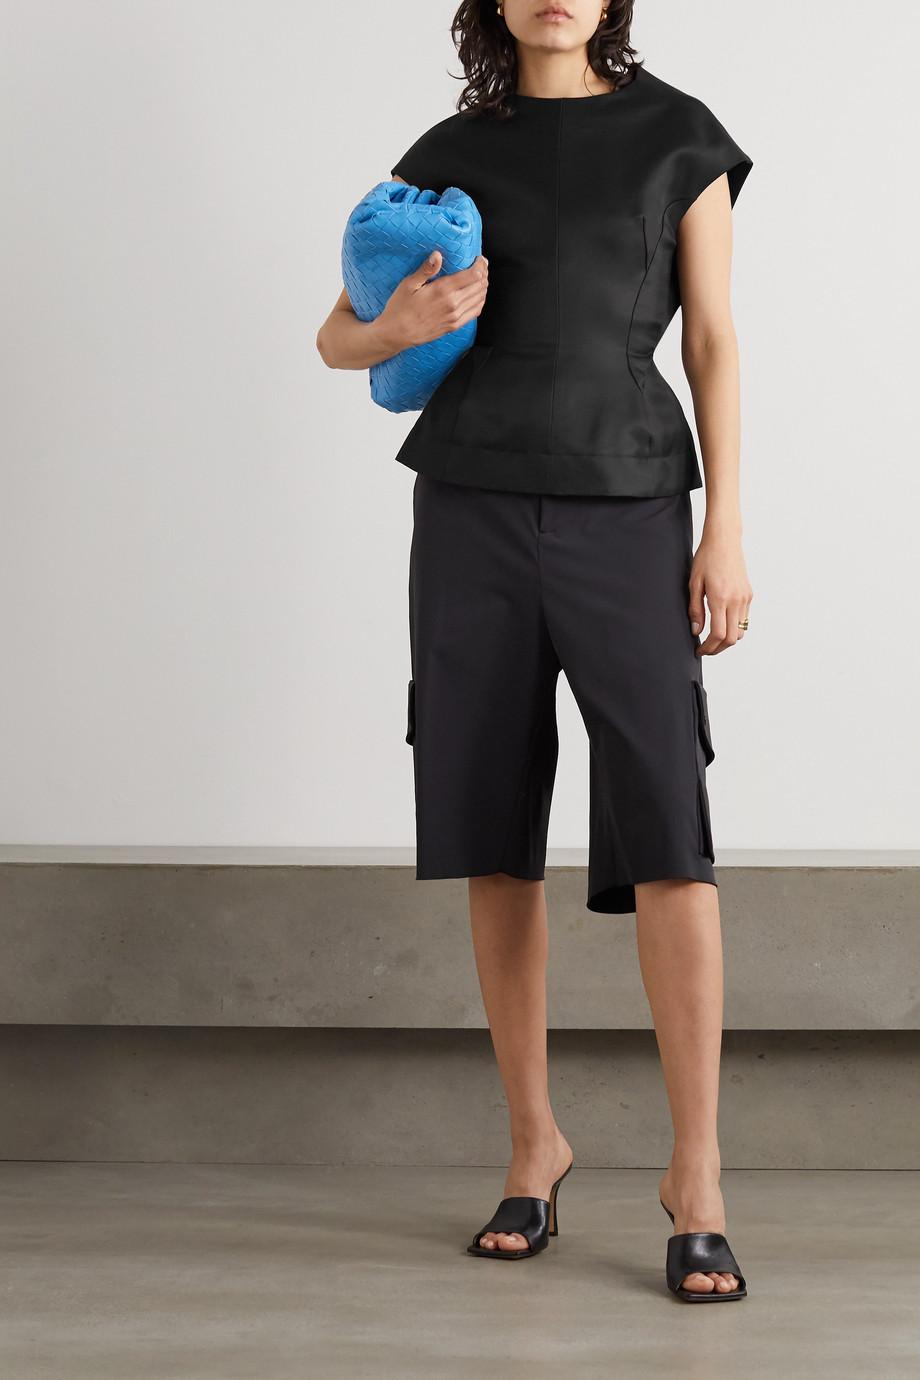 Nina Ricci Bluse aus einer Seiden-Baumwollmischung mit Schößchen